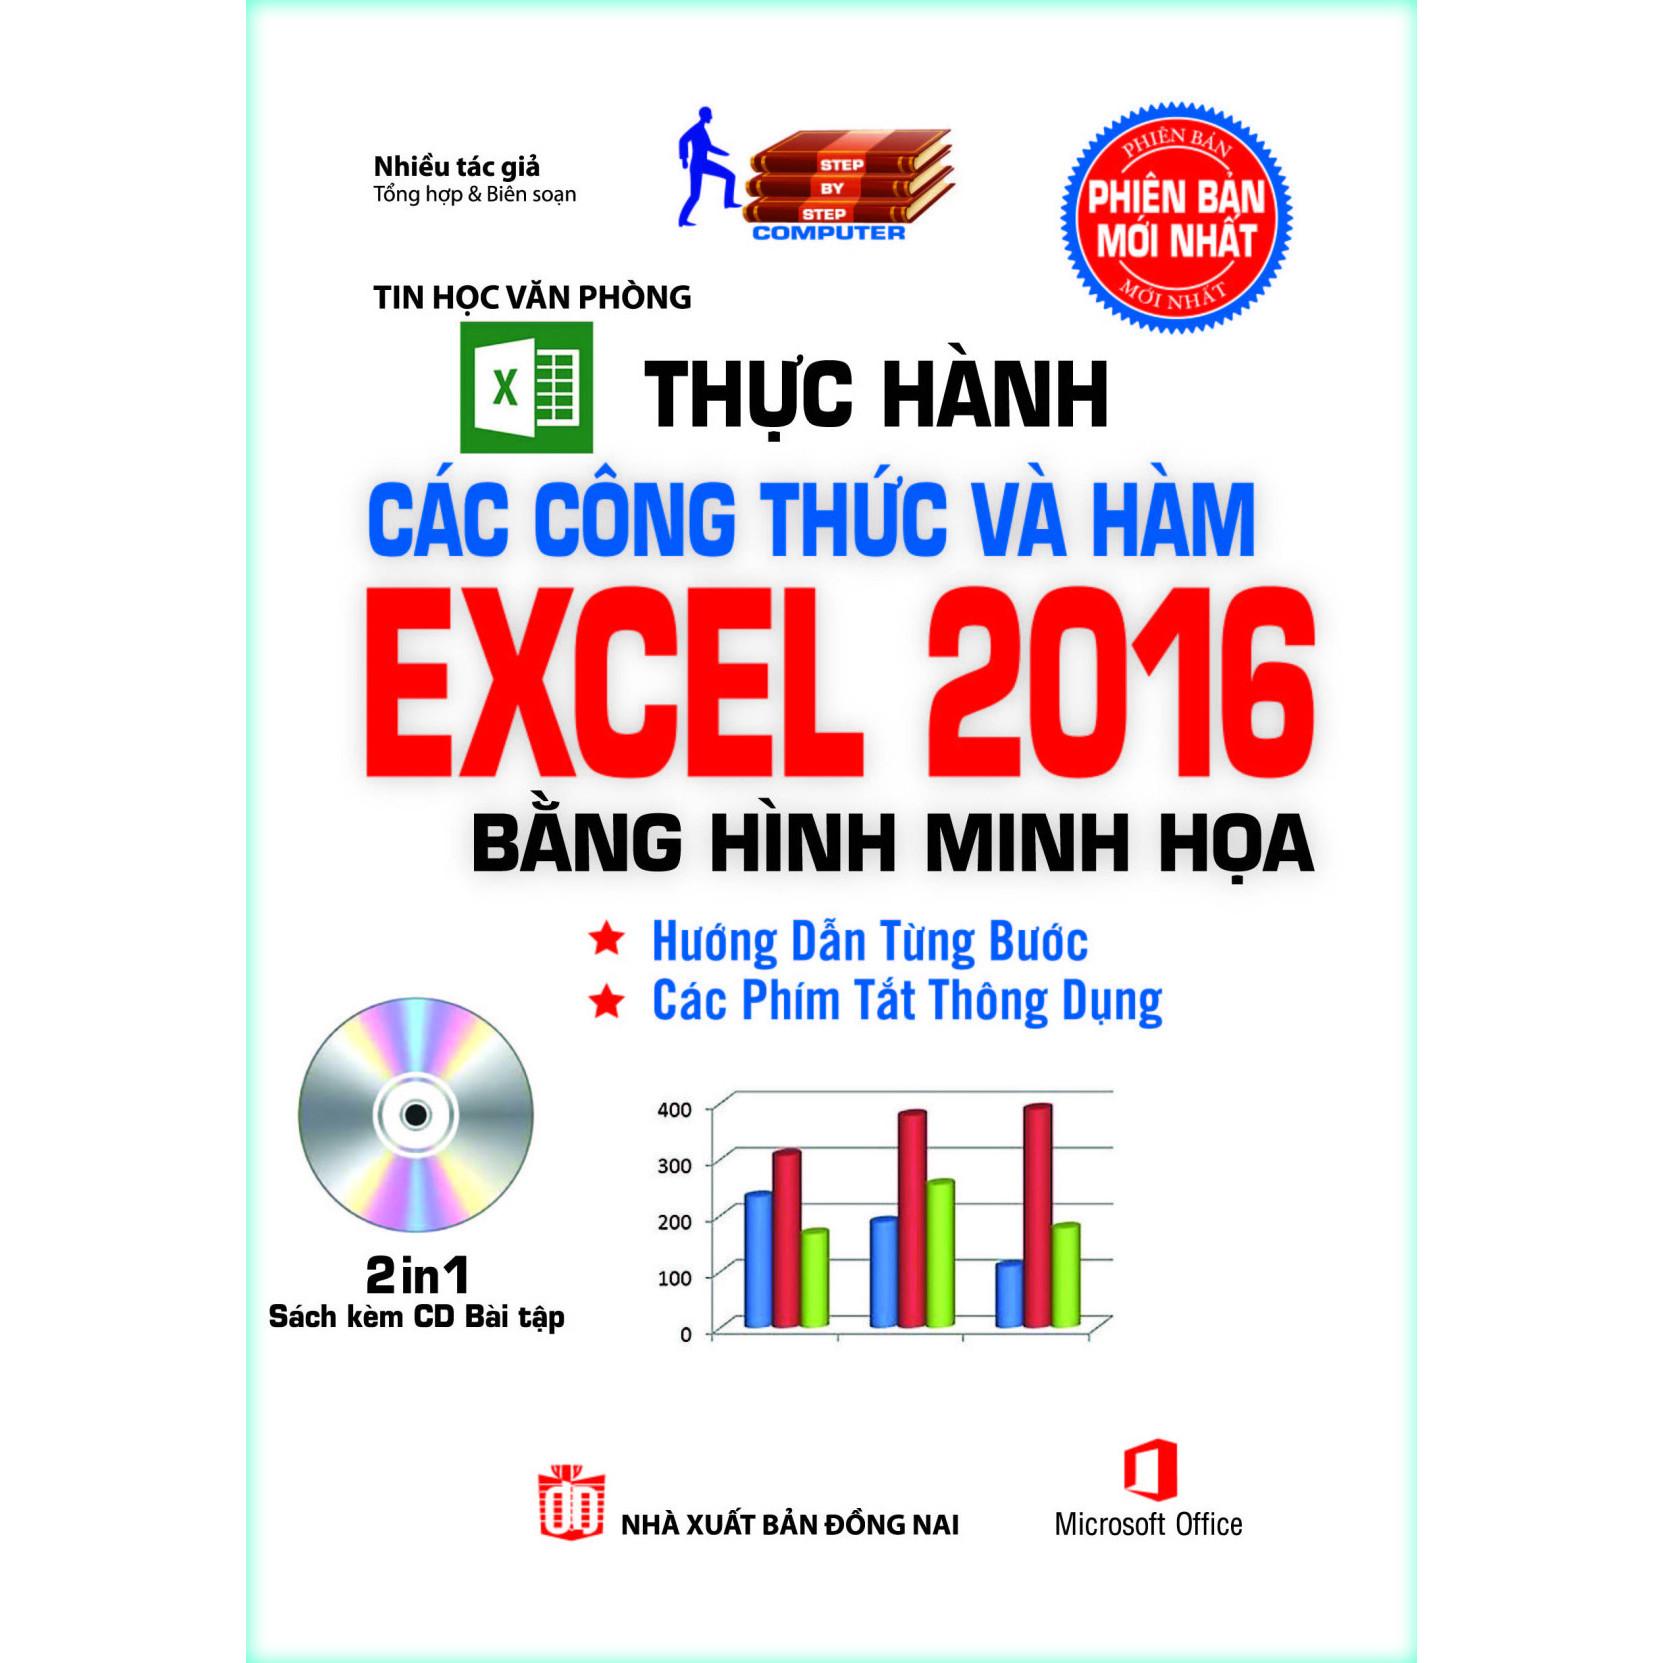 Thực Hành Các Công Thức Và Hàm Excel 2016 Bằng Hình Minh Họa (Sách kèm theo CD Bài tập)